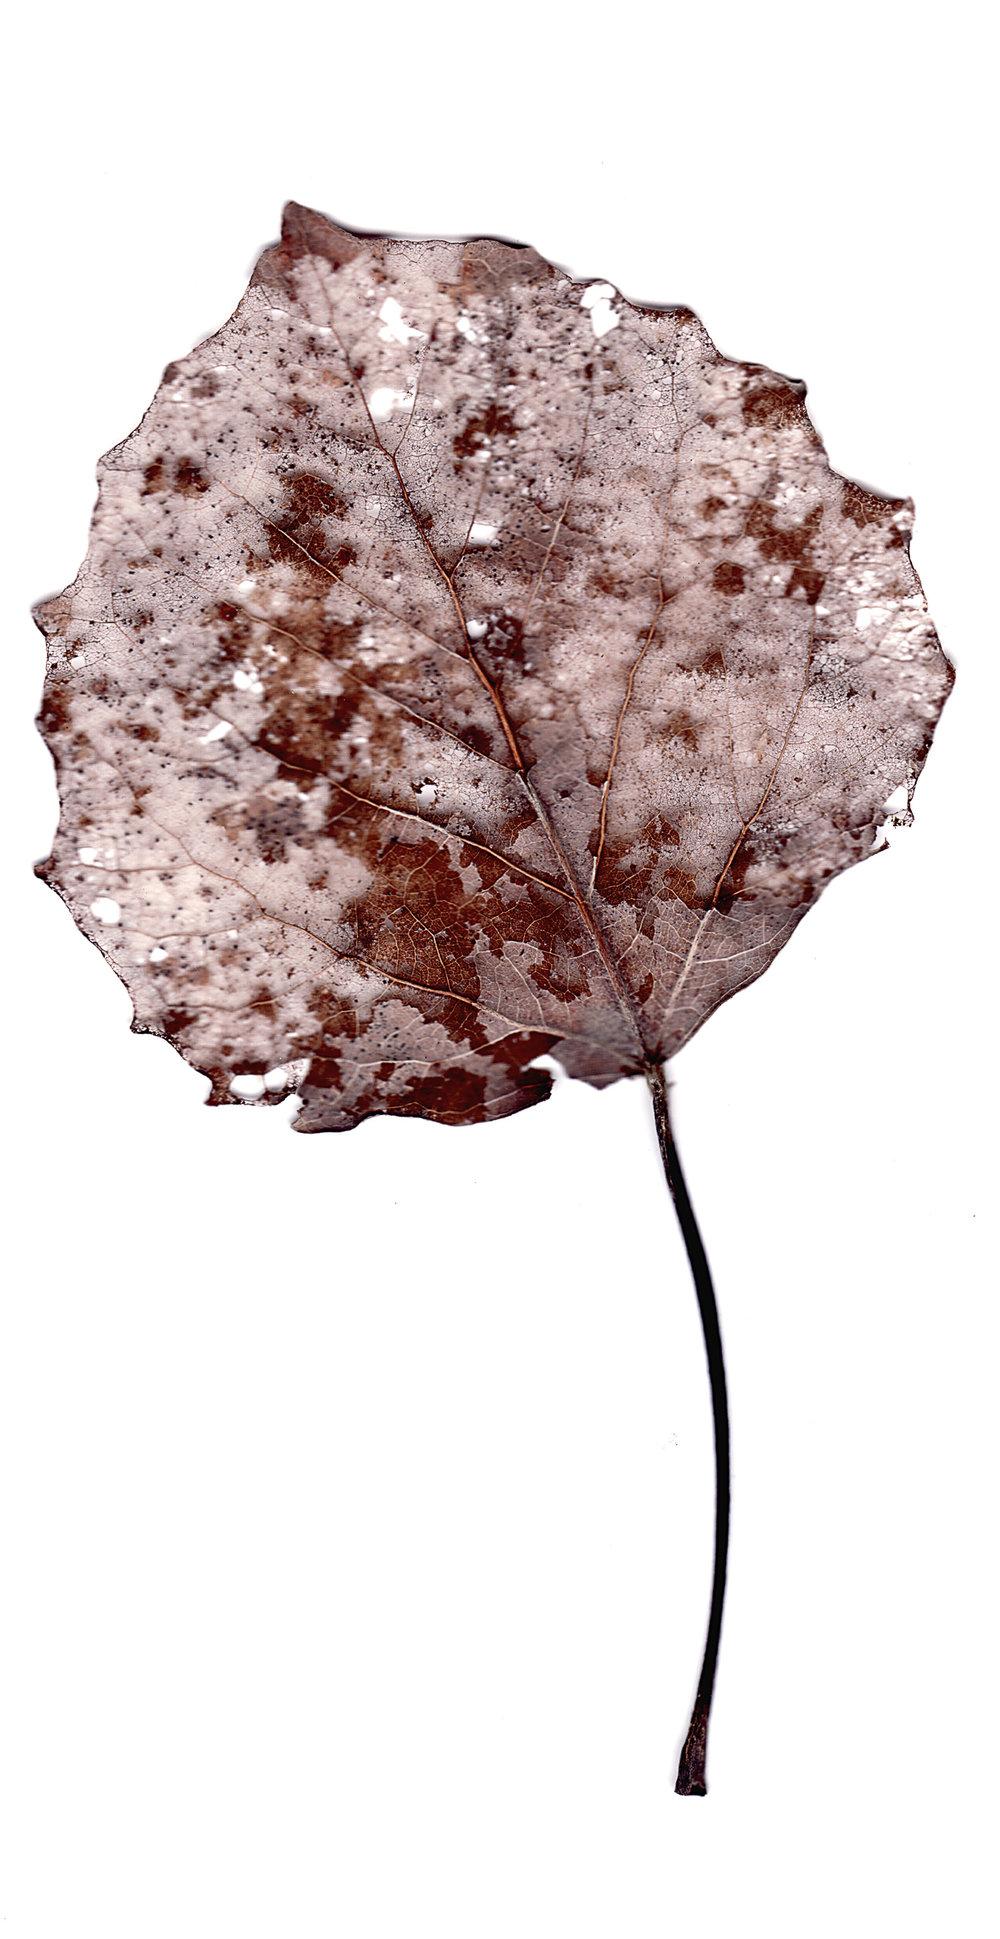 leaves0010.jpg